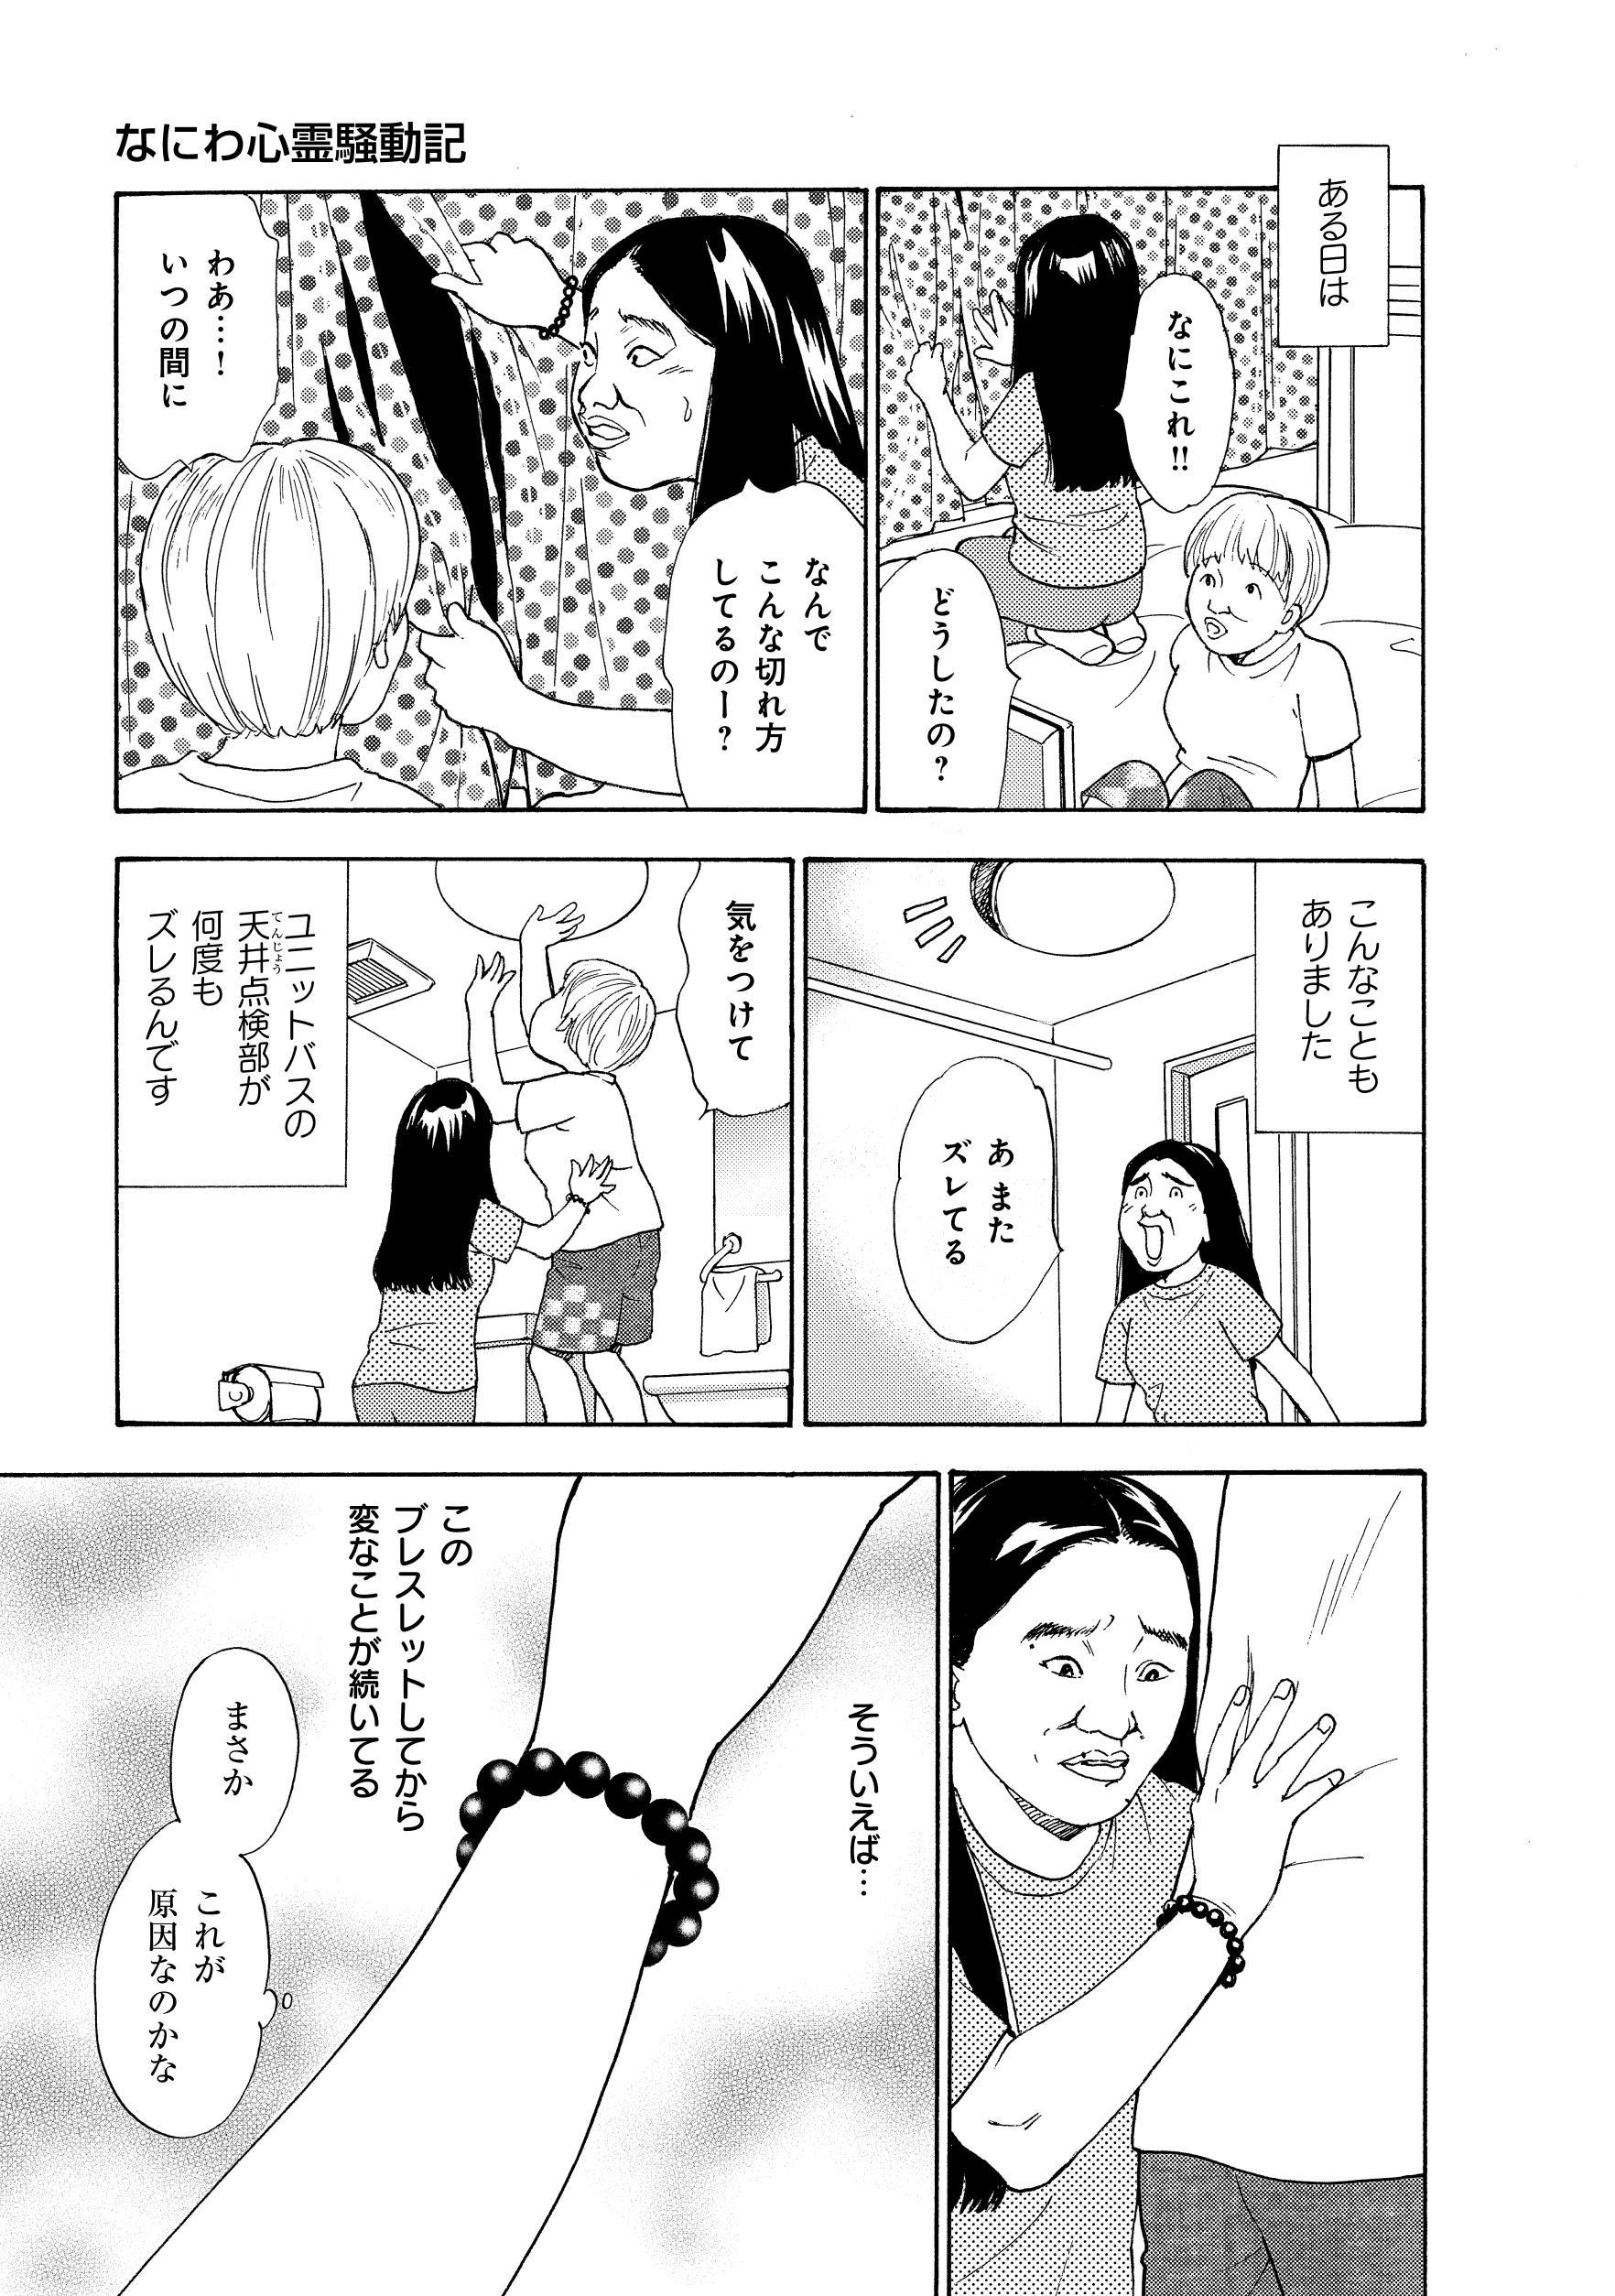 原作特集_175.jpg